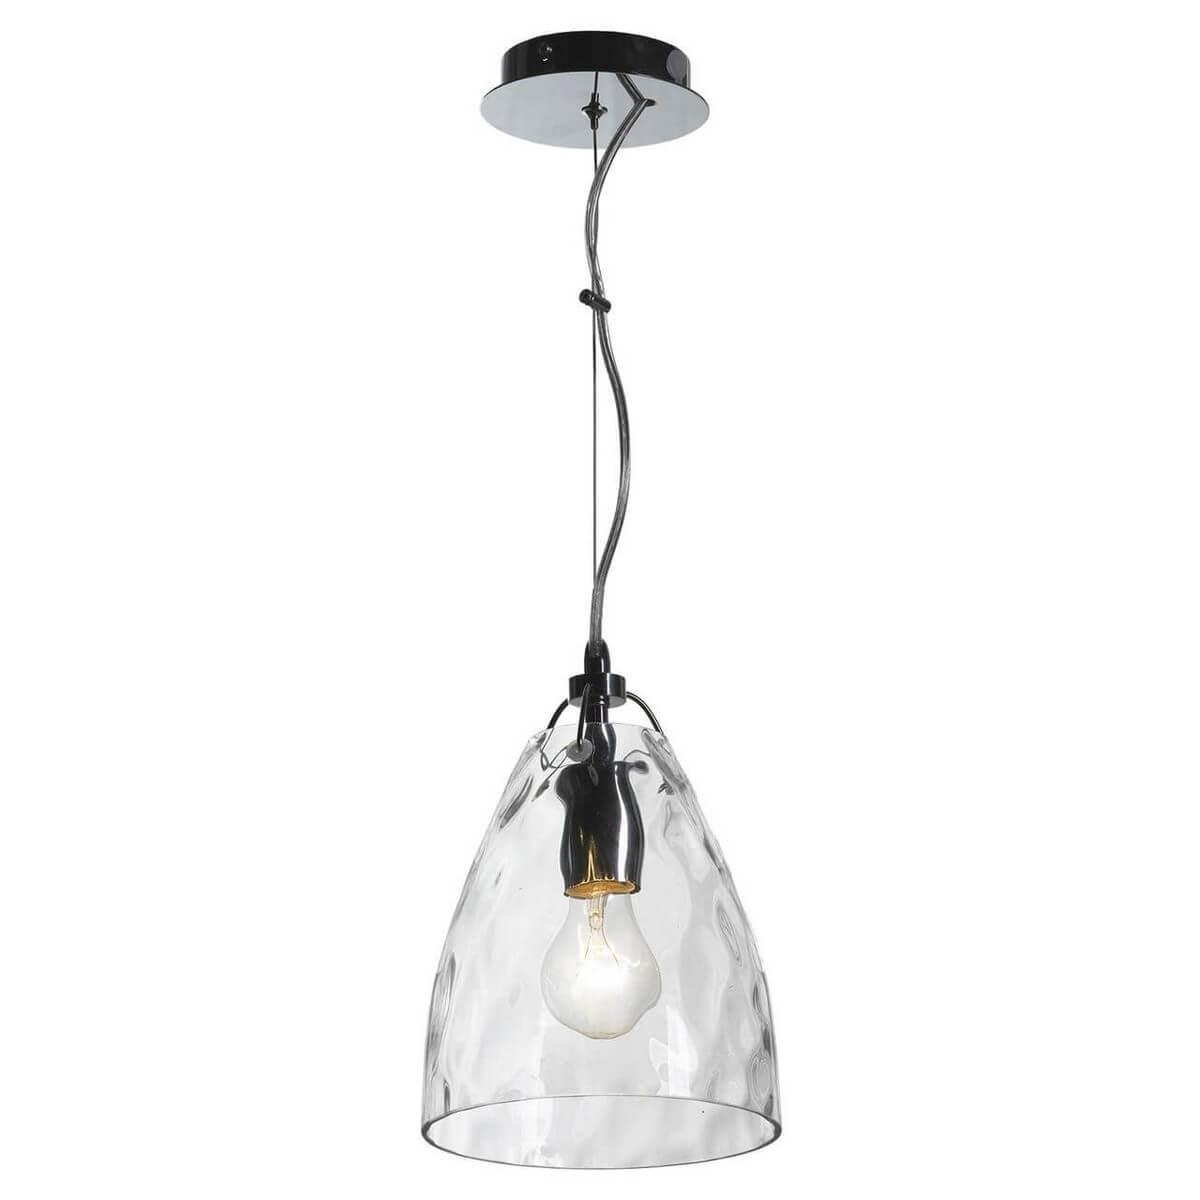 Подвесной светильник Lussole GRLSP-9630, E27, 11 Вт подвесной светильник lussole loft grlsp 9654